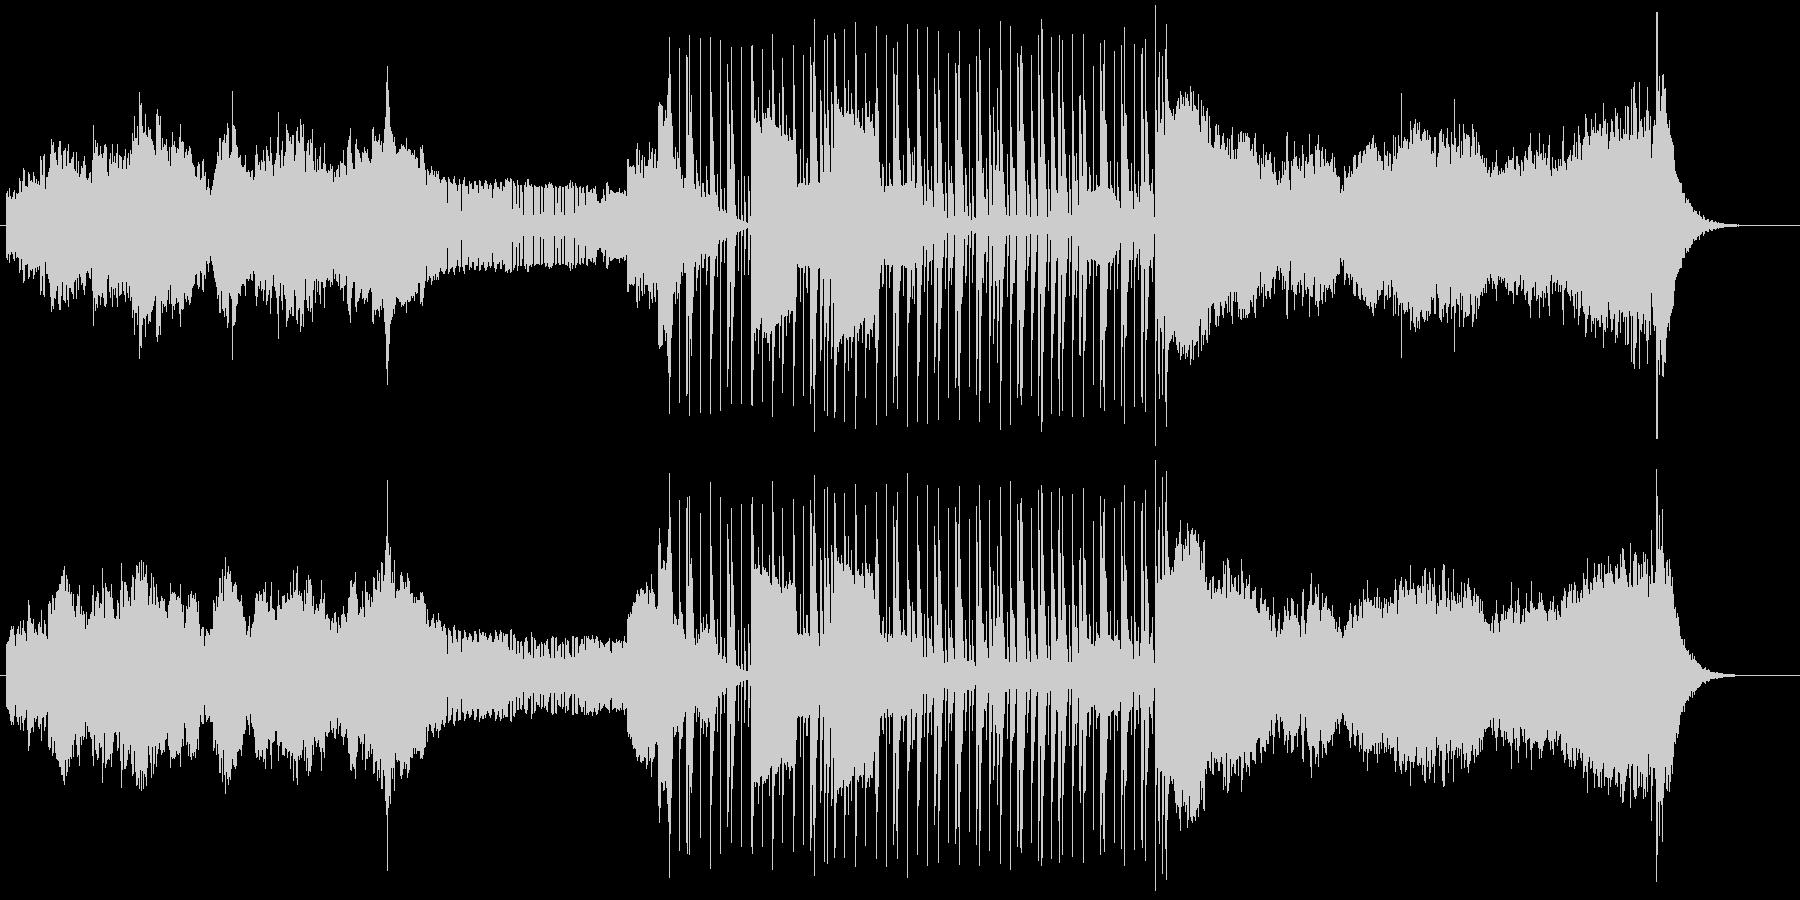 ふんわり感溢れるインストバラードの未再生の波形